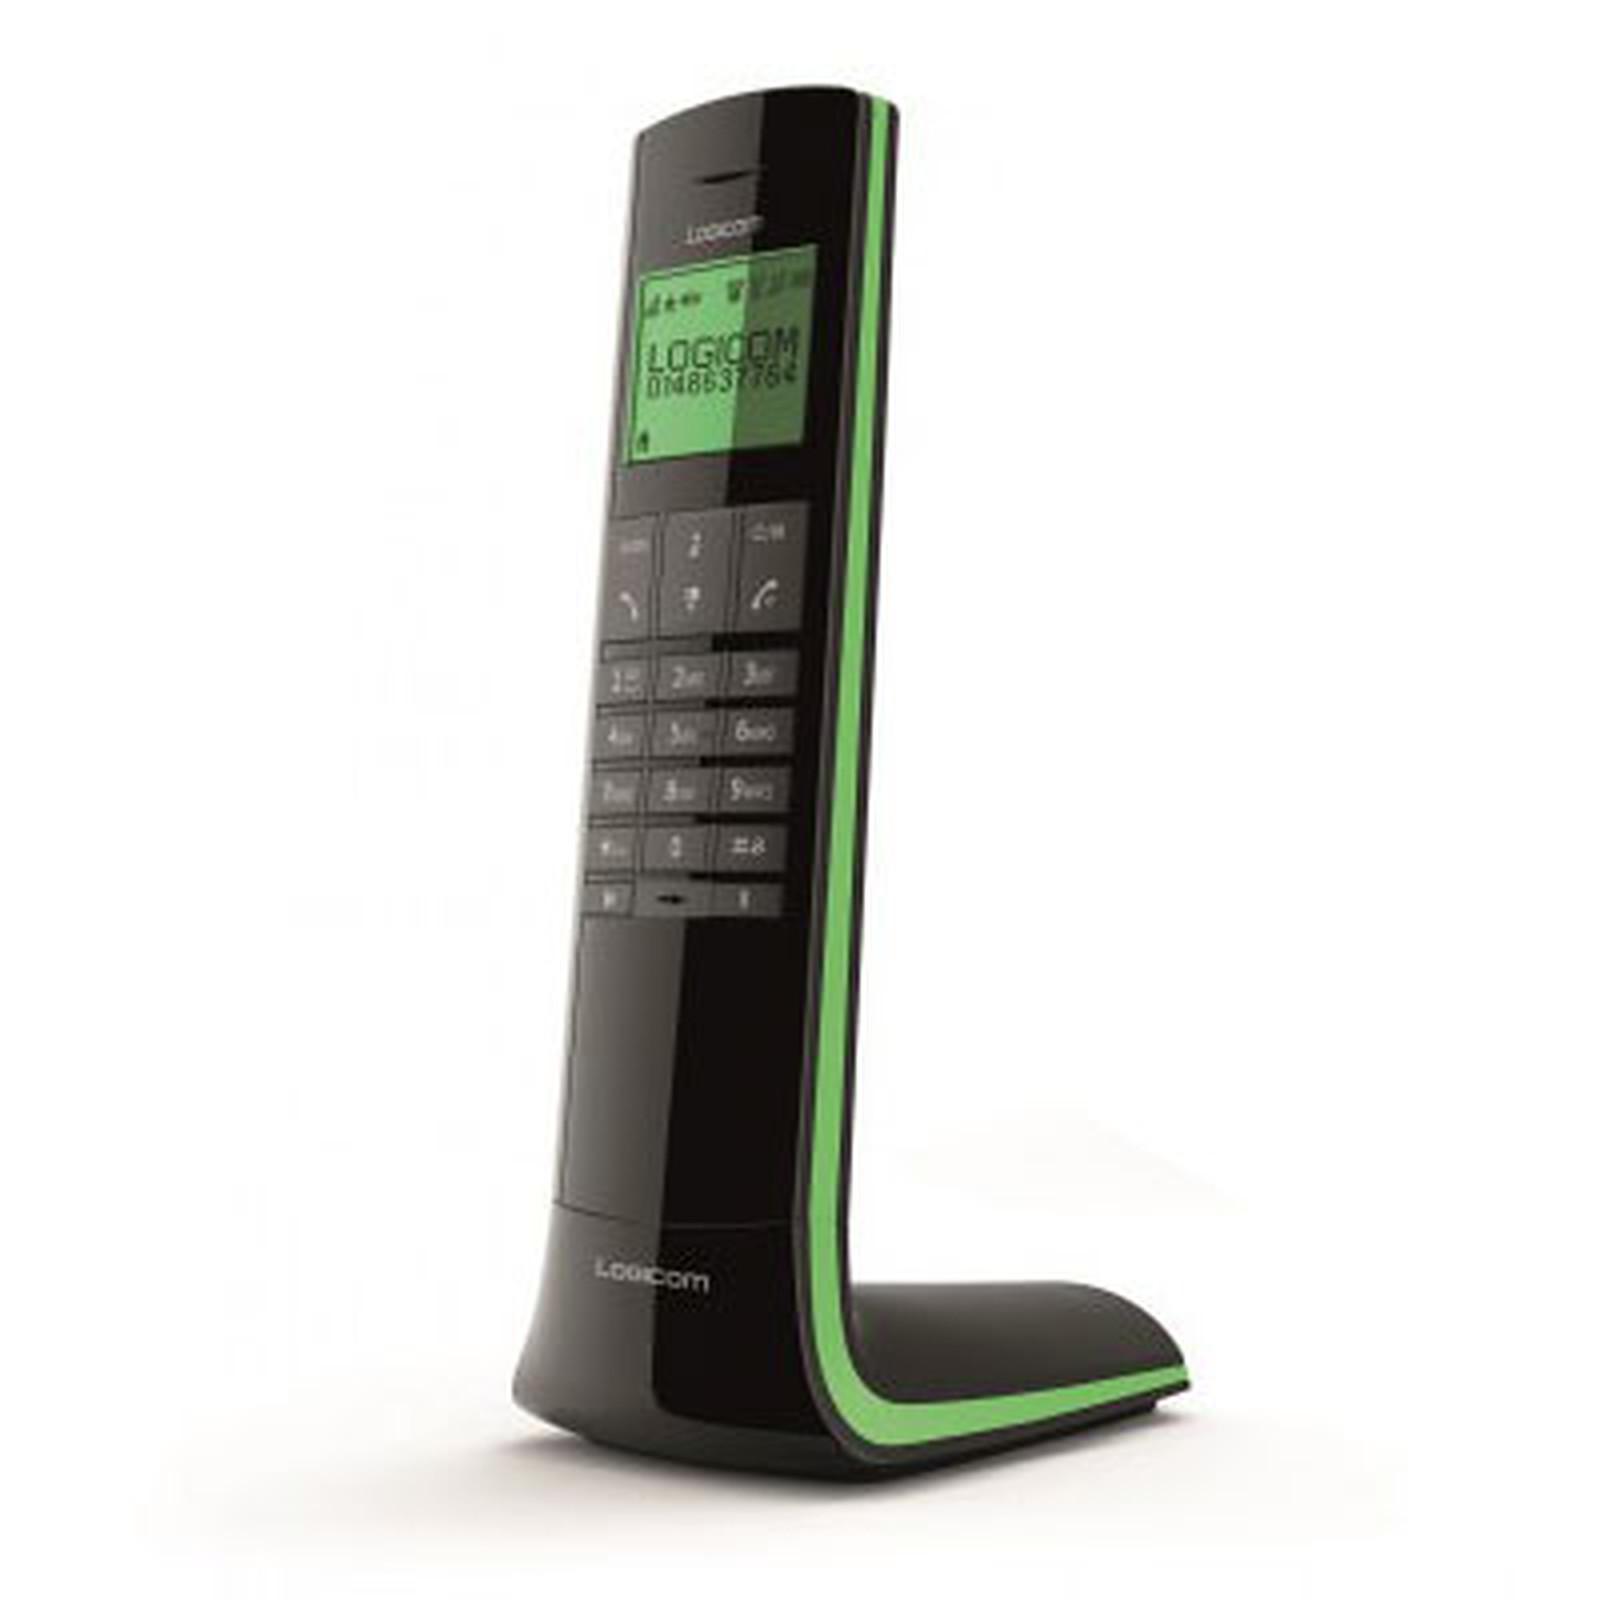 logicom luxia 150 noir vert t l phone sans fil logicom sur. Black Bedroom Furniture Sets. Home Design Ideas